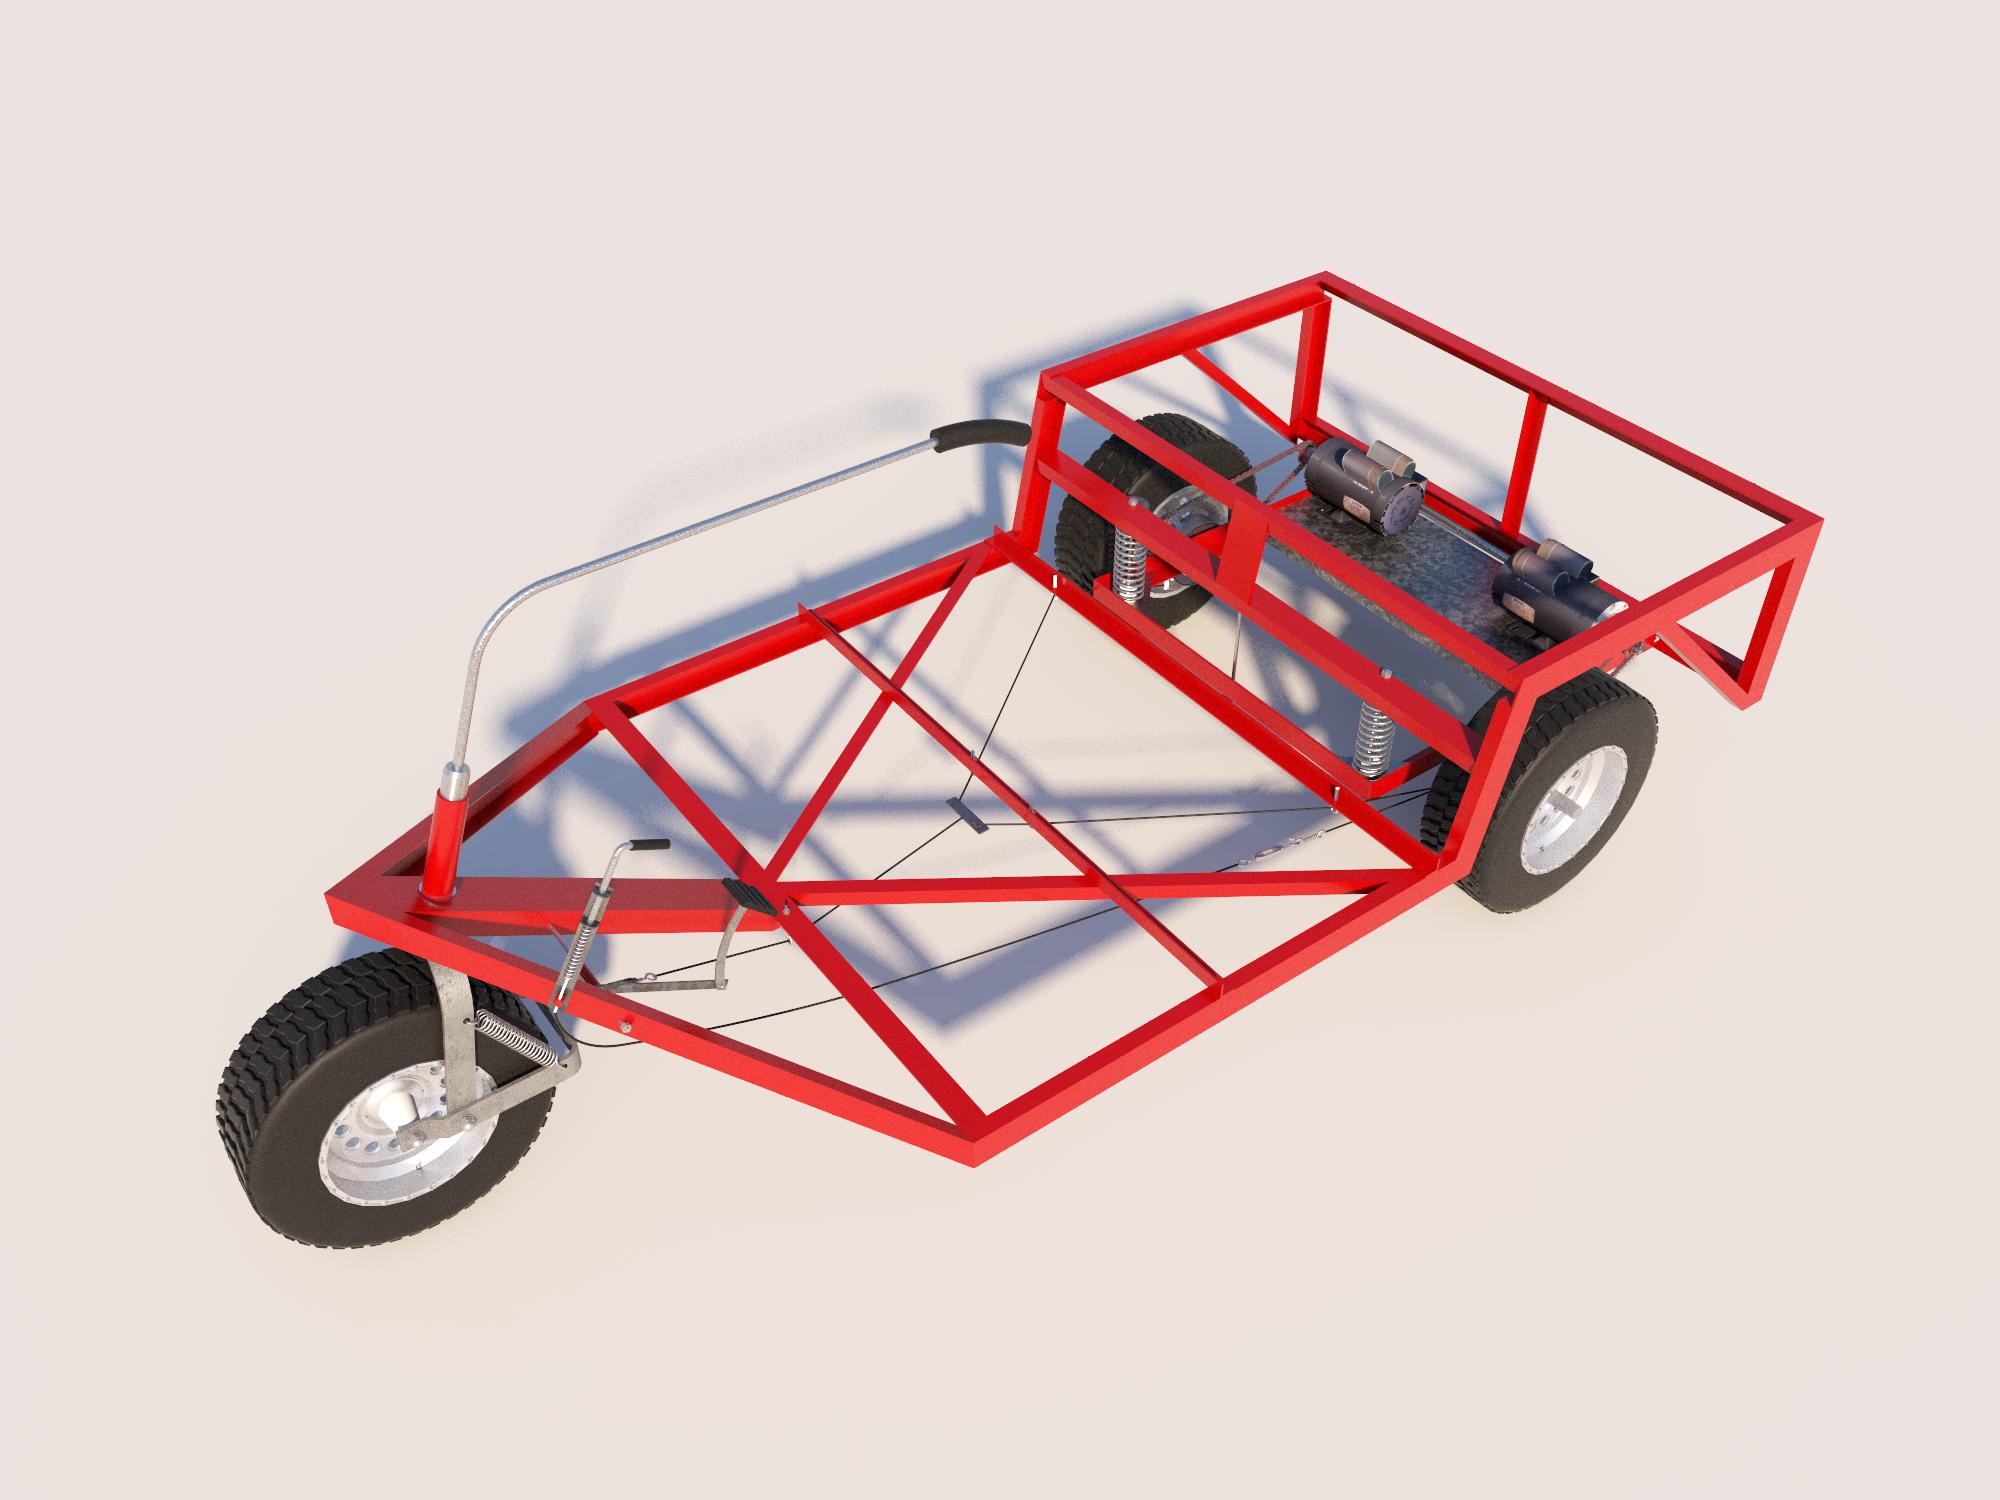 golf cart plans diy 2 passenger seat 3 wheel utility vehicle